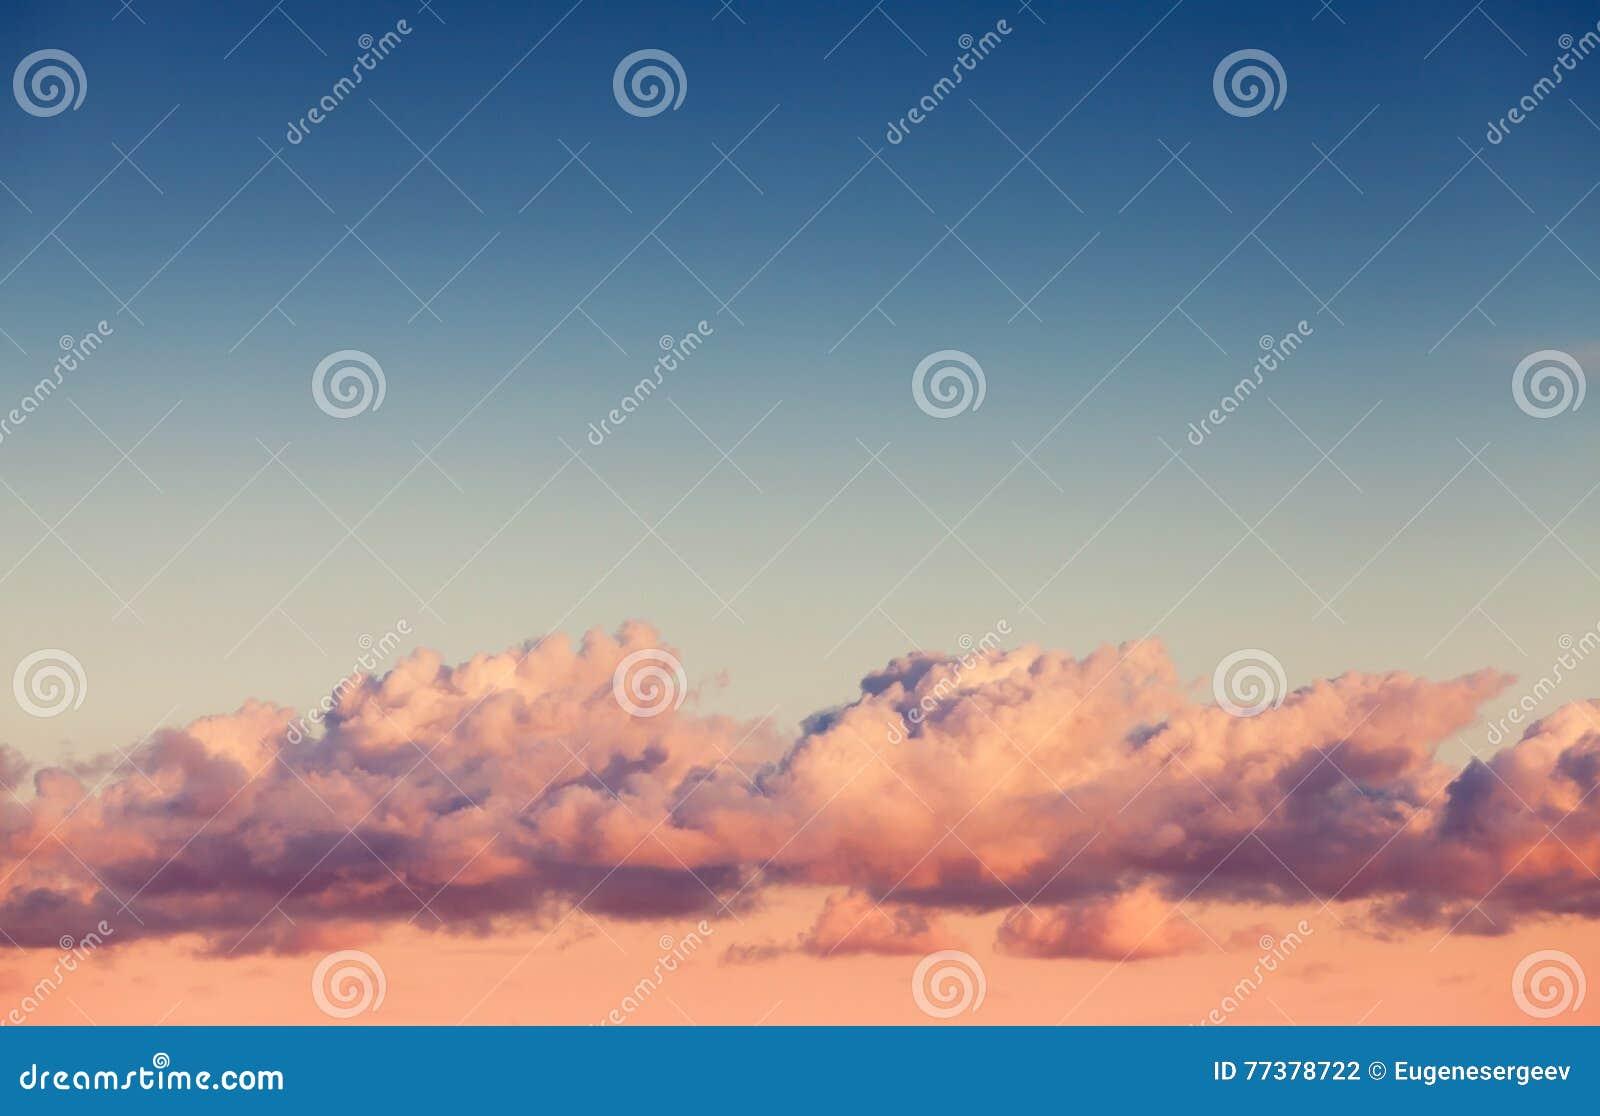 在明亮的晚上天空的云彩层数